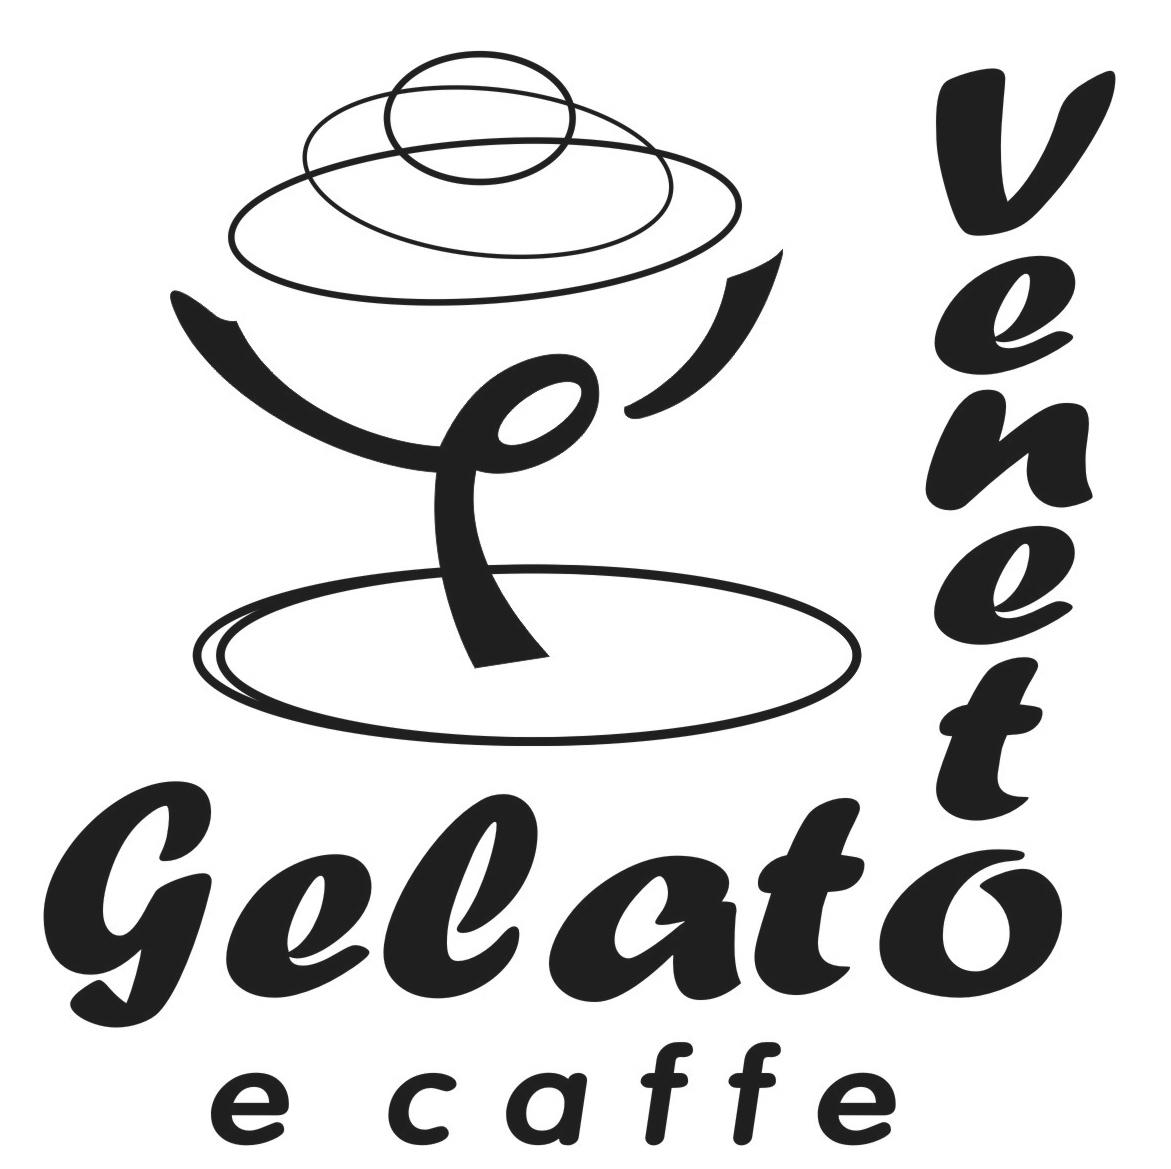 veneto-logo_schwarz